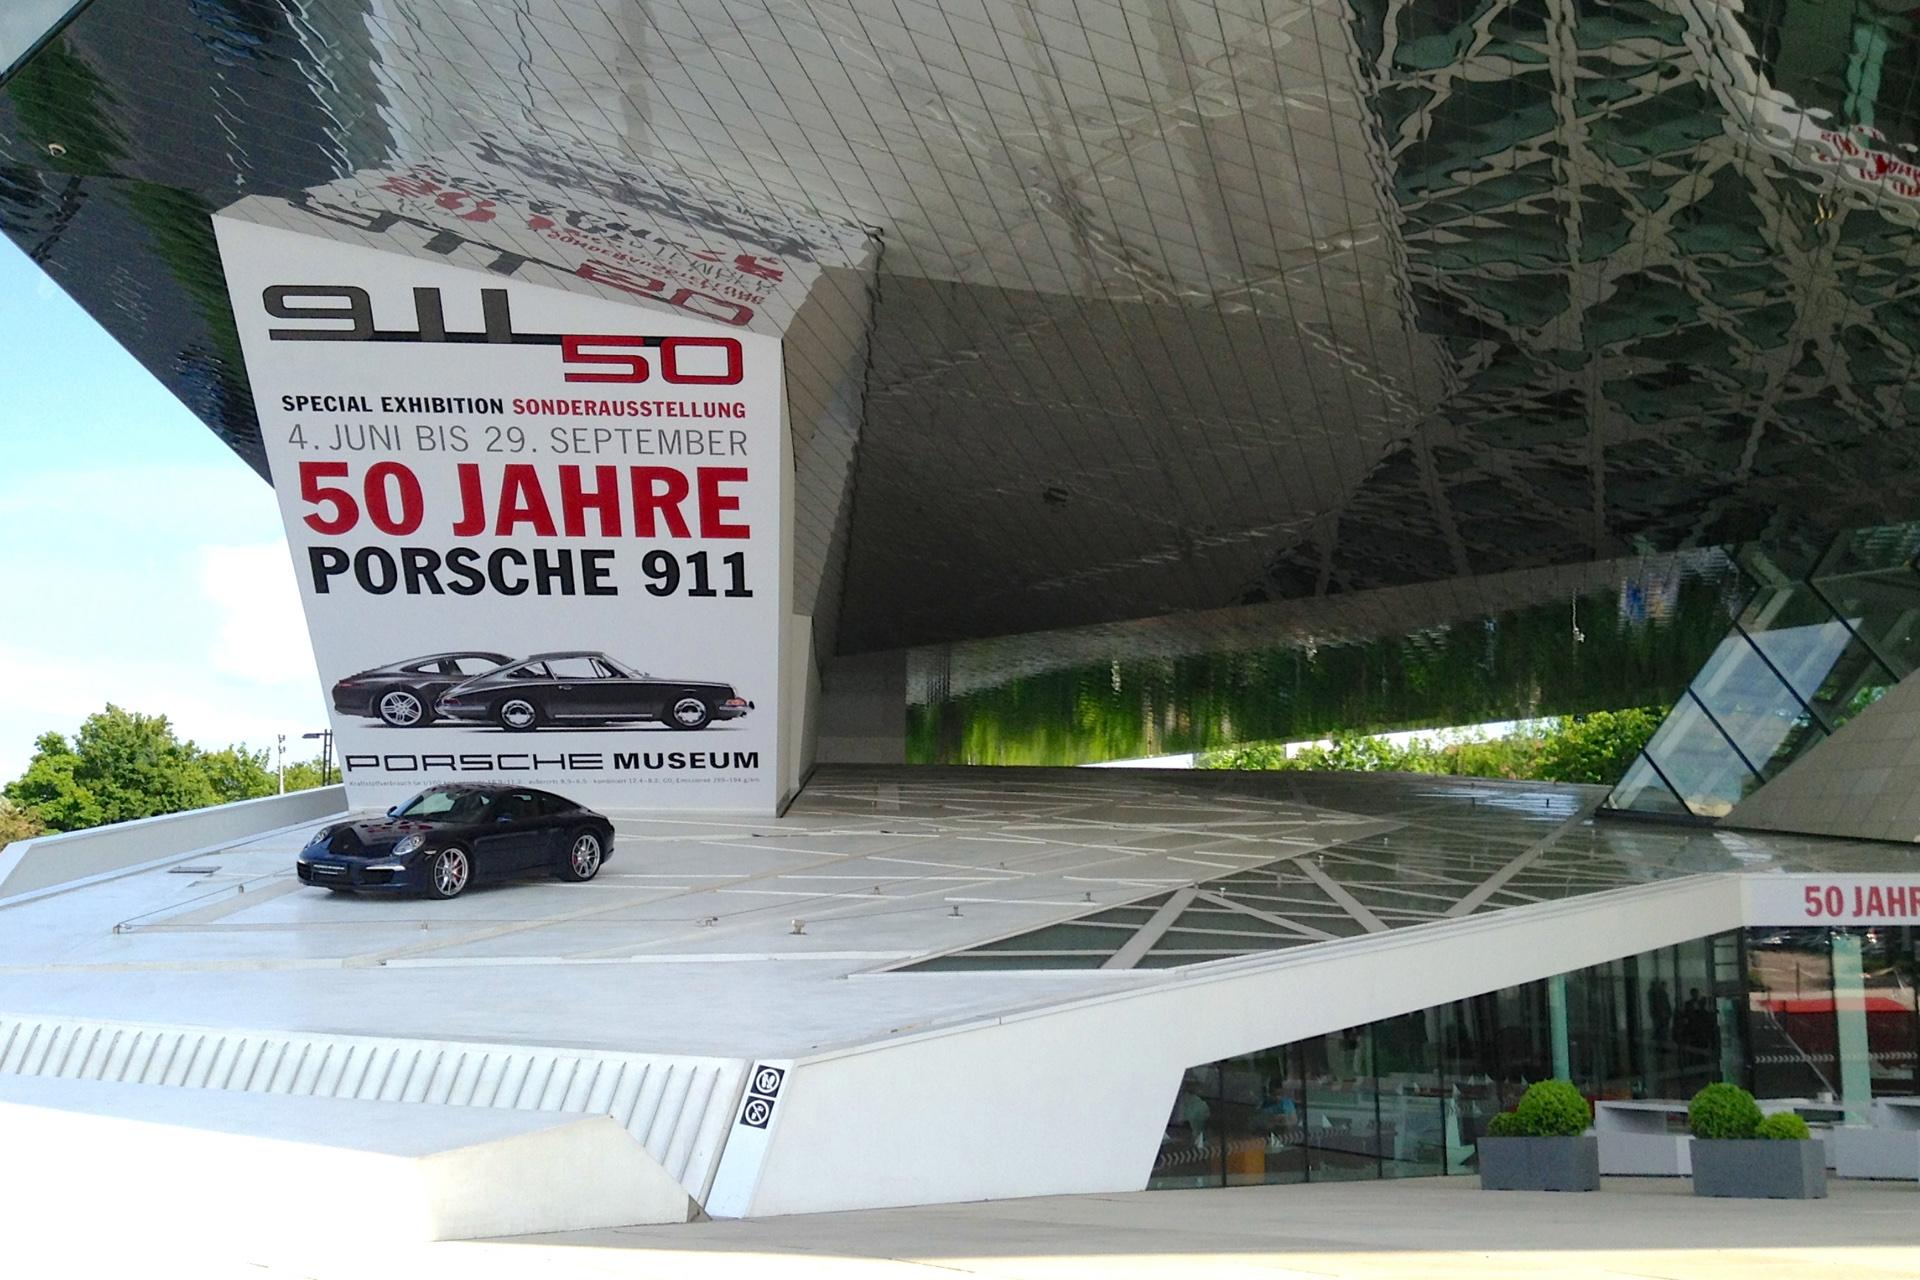 Porsche, Stuttgart